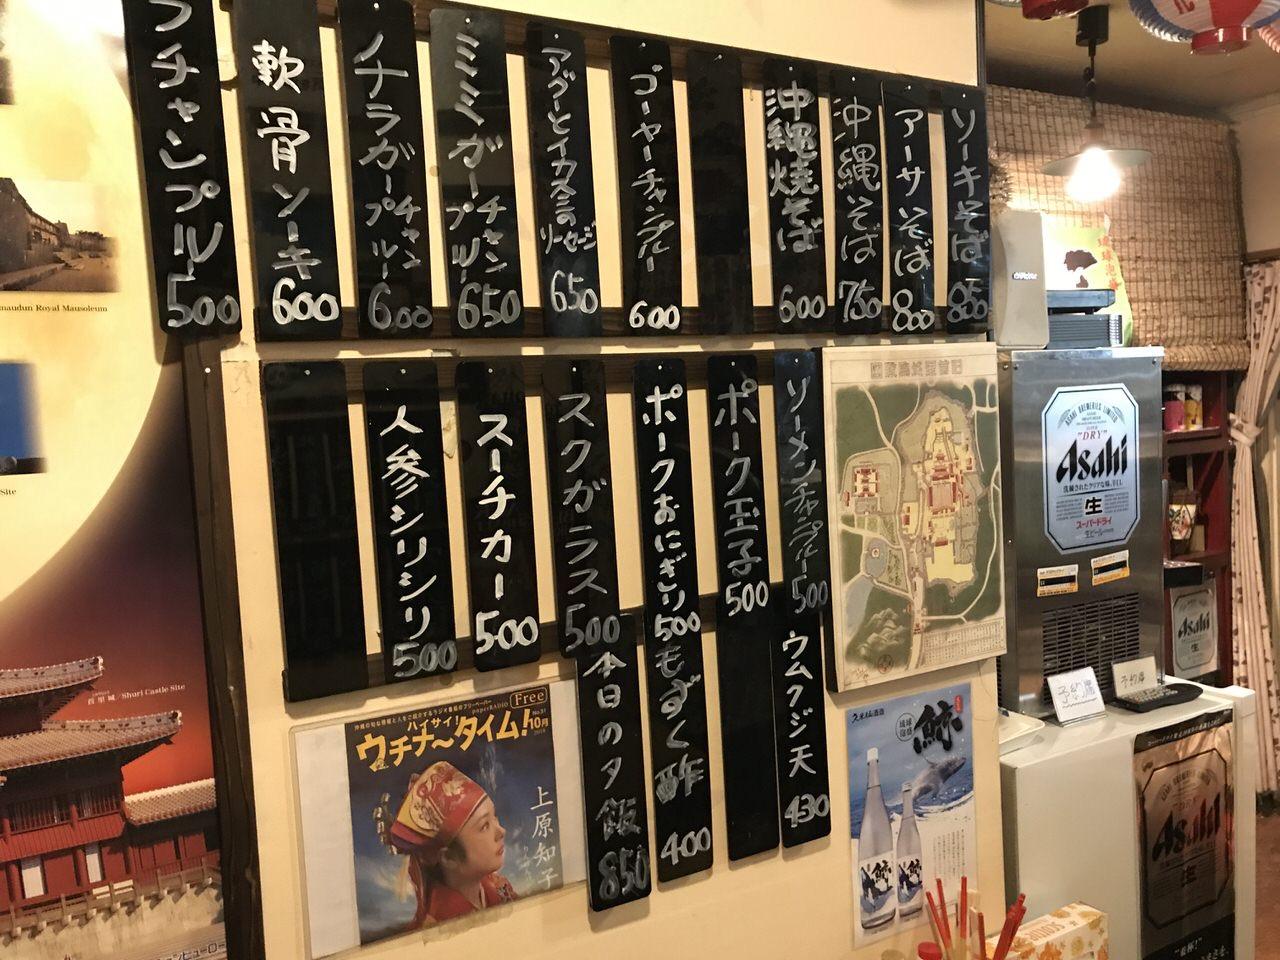 沖縄料理店「アバサー」メニュー